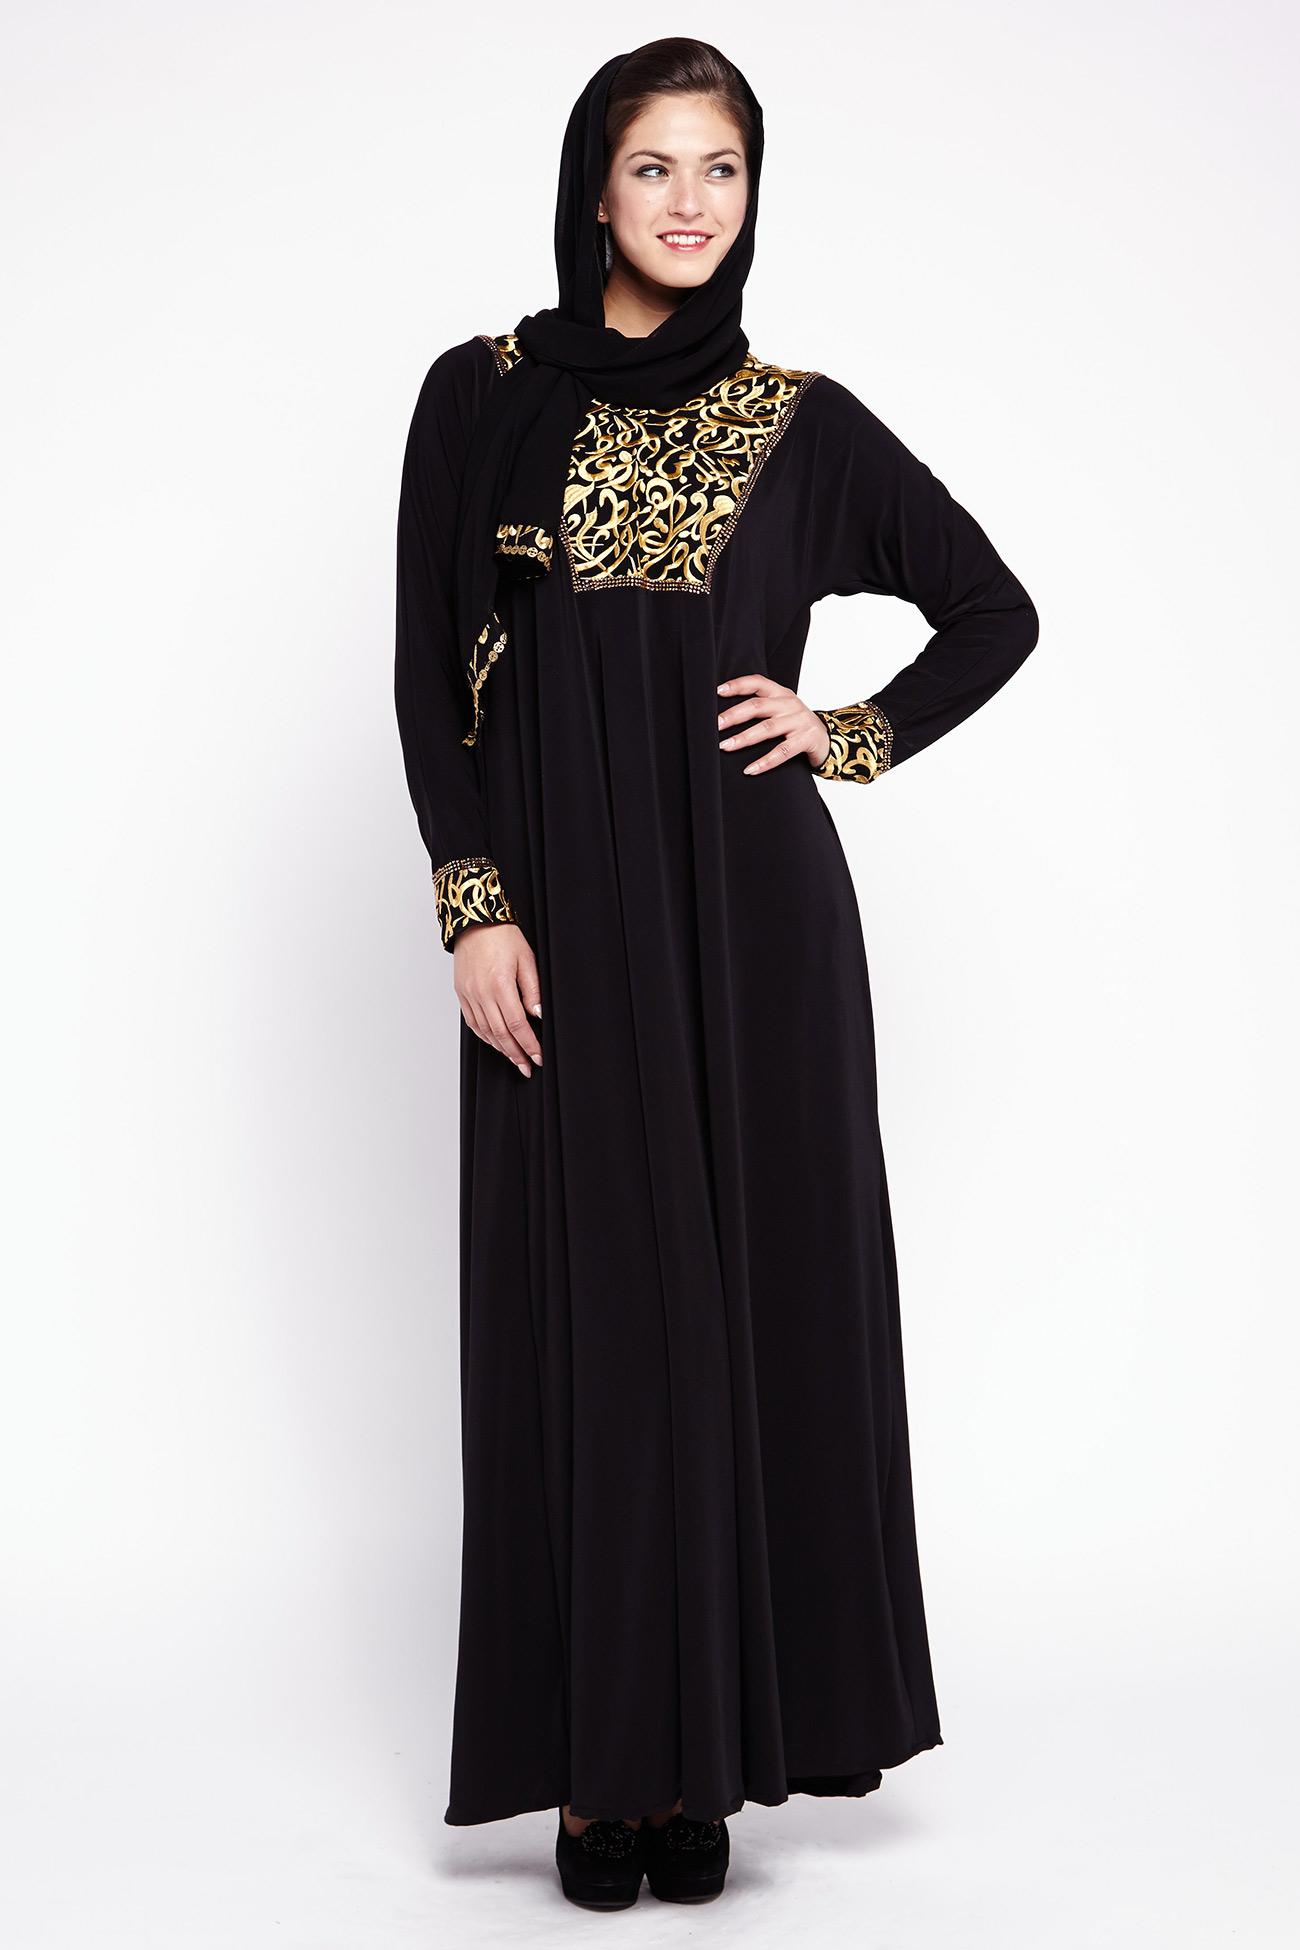 صور صور ملابس مصرية , اجمل الملابس في الوطن العربيه للنساء